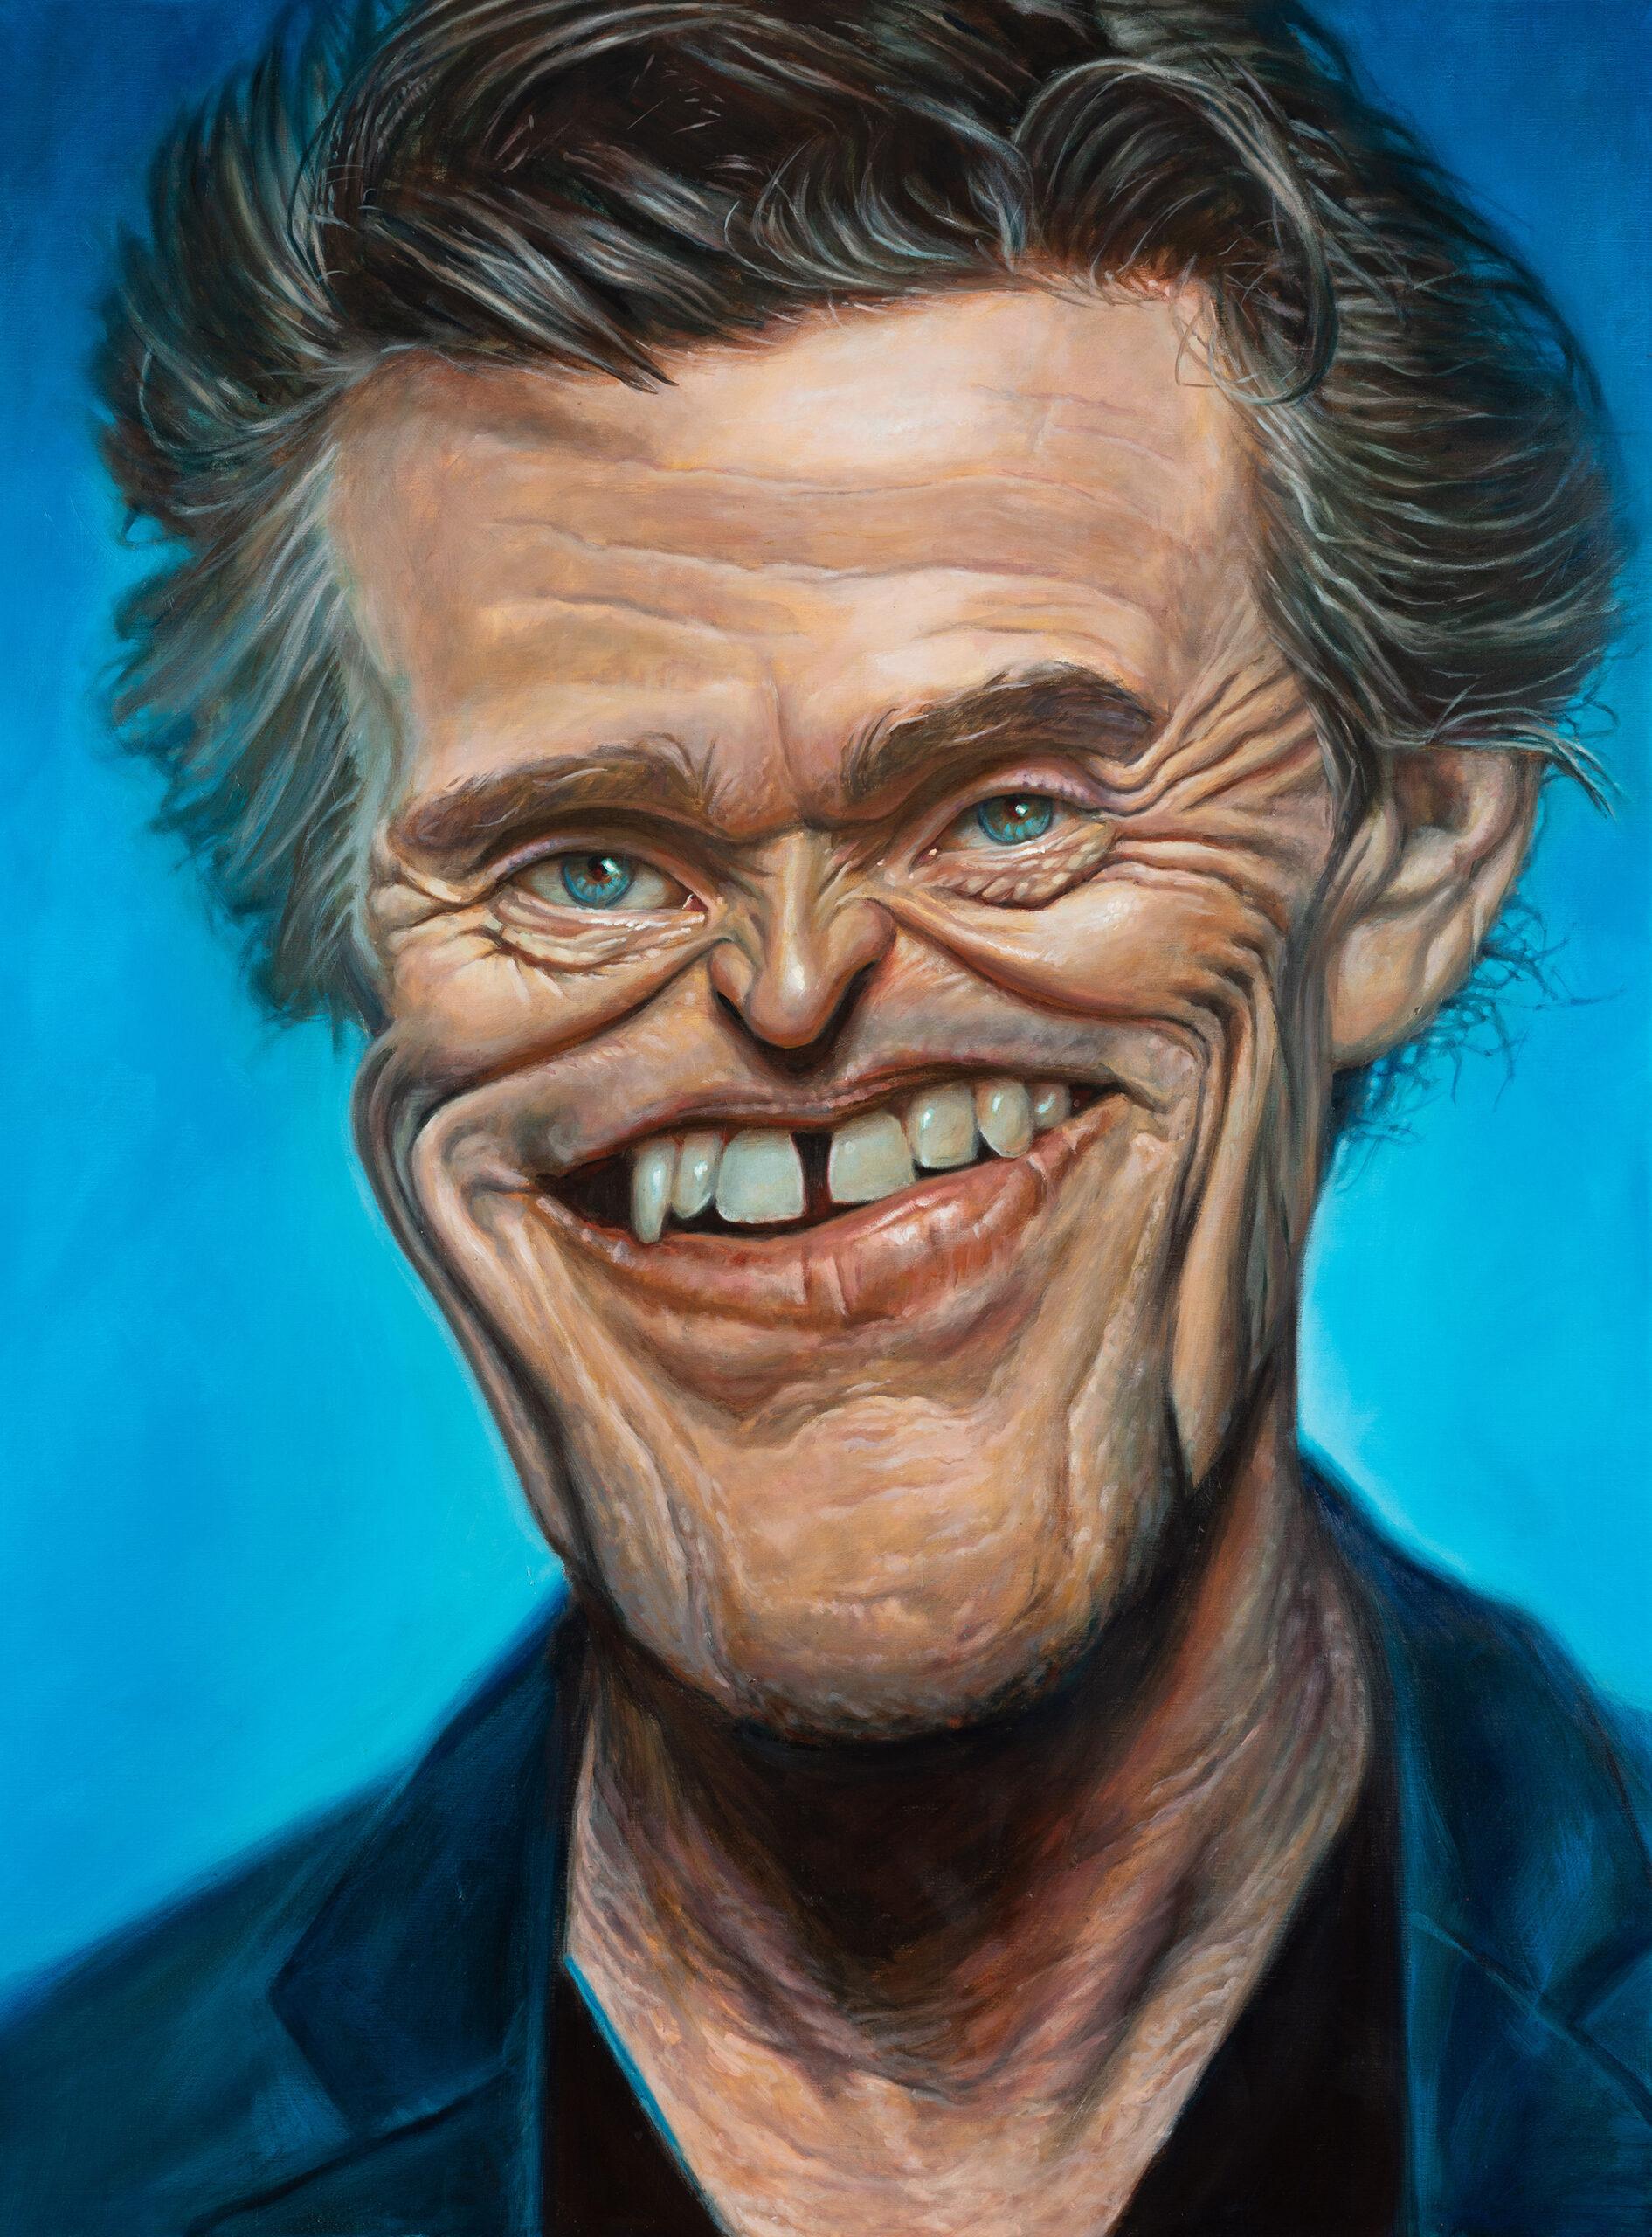 Willem Dafoe portrait by Derren Brown